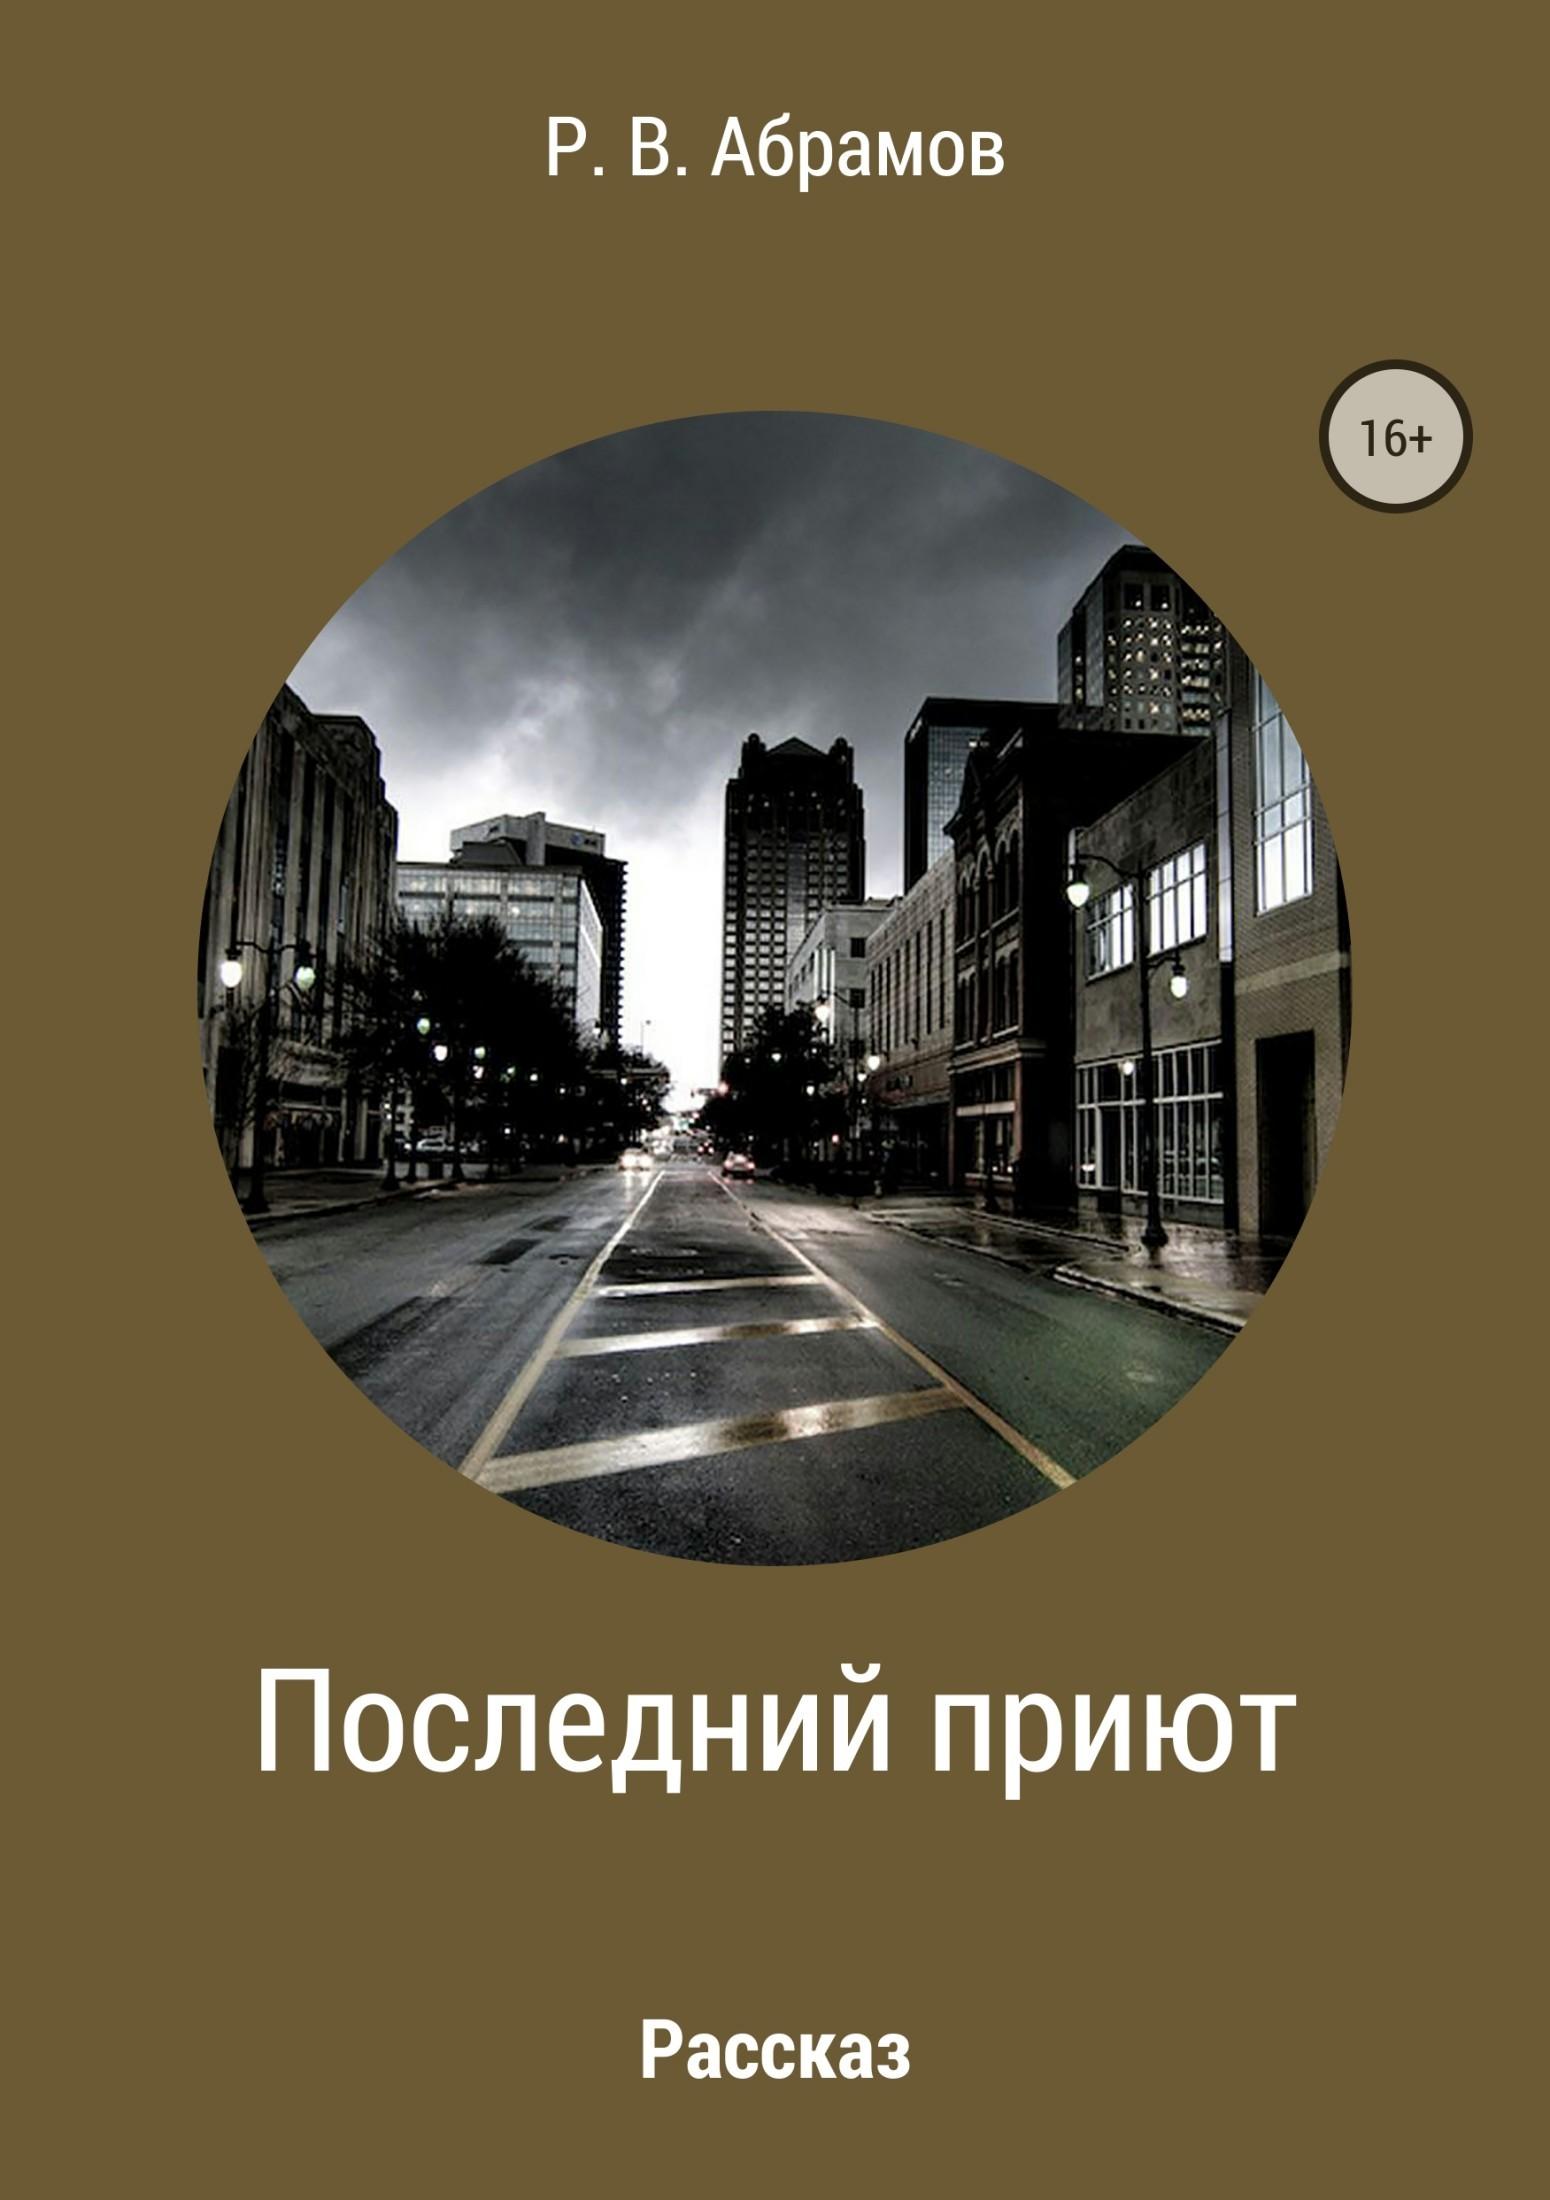 Роман Абрамов Последний приют хабарова е последний приют призрака роман